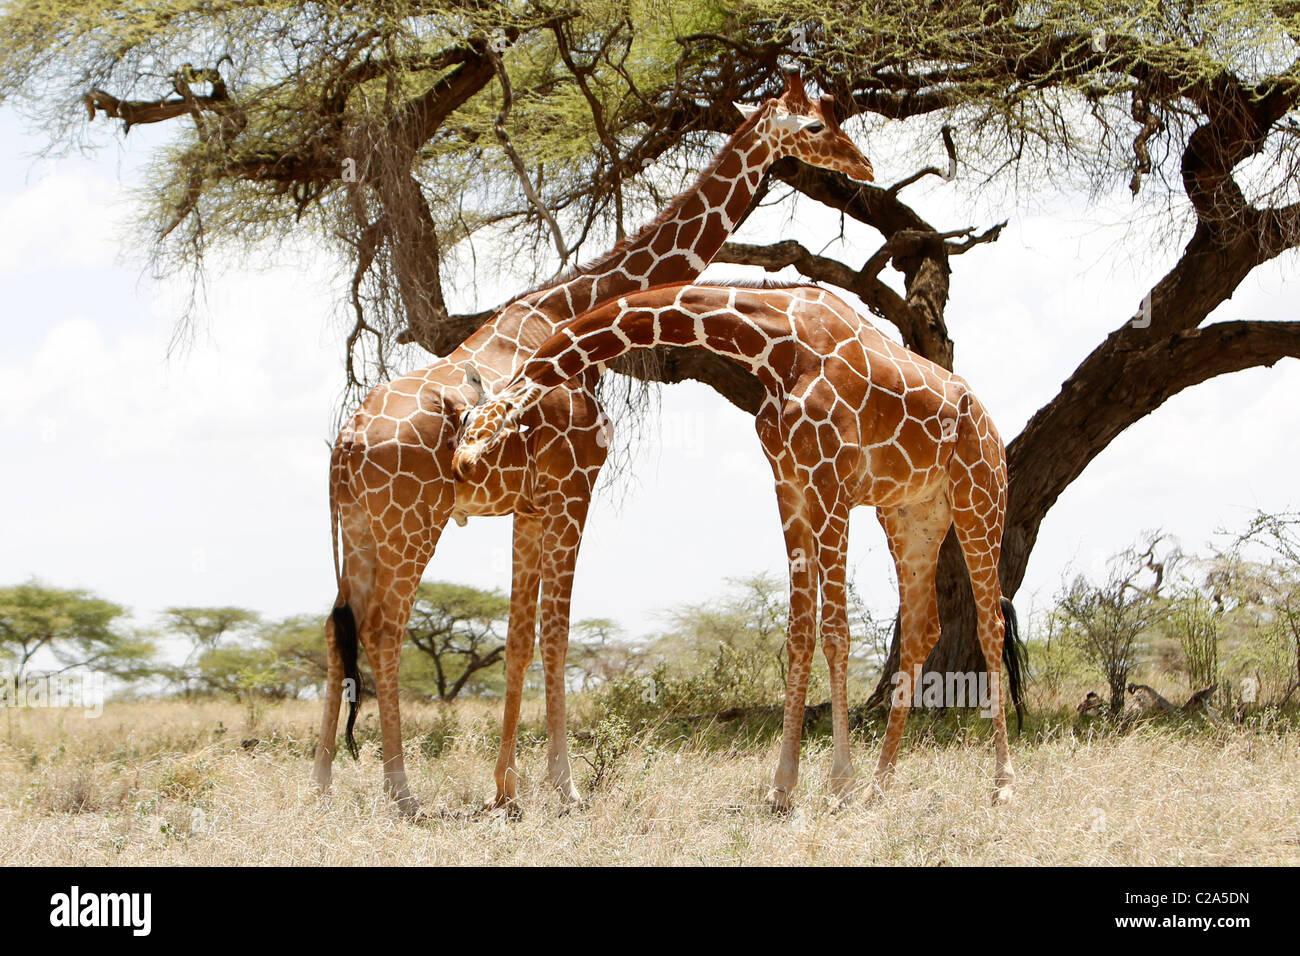 Deux girafes réticulée debout ensemble dans la réserve nationale de Samburu, Kenya Banque D'Images